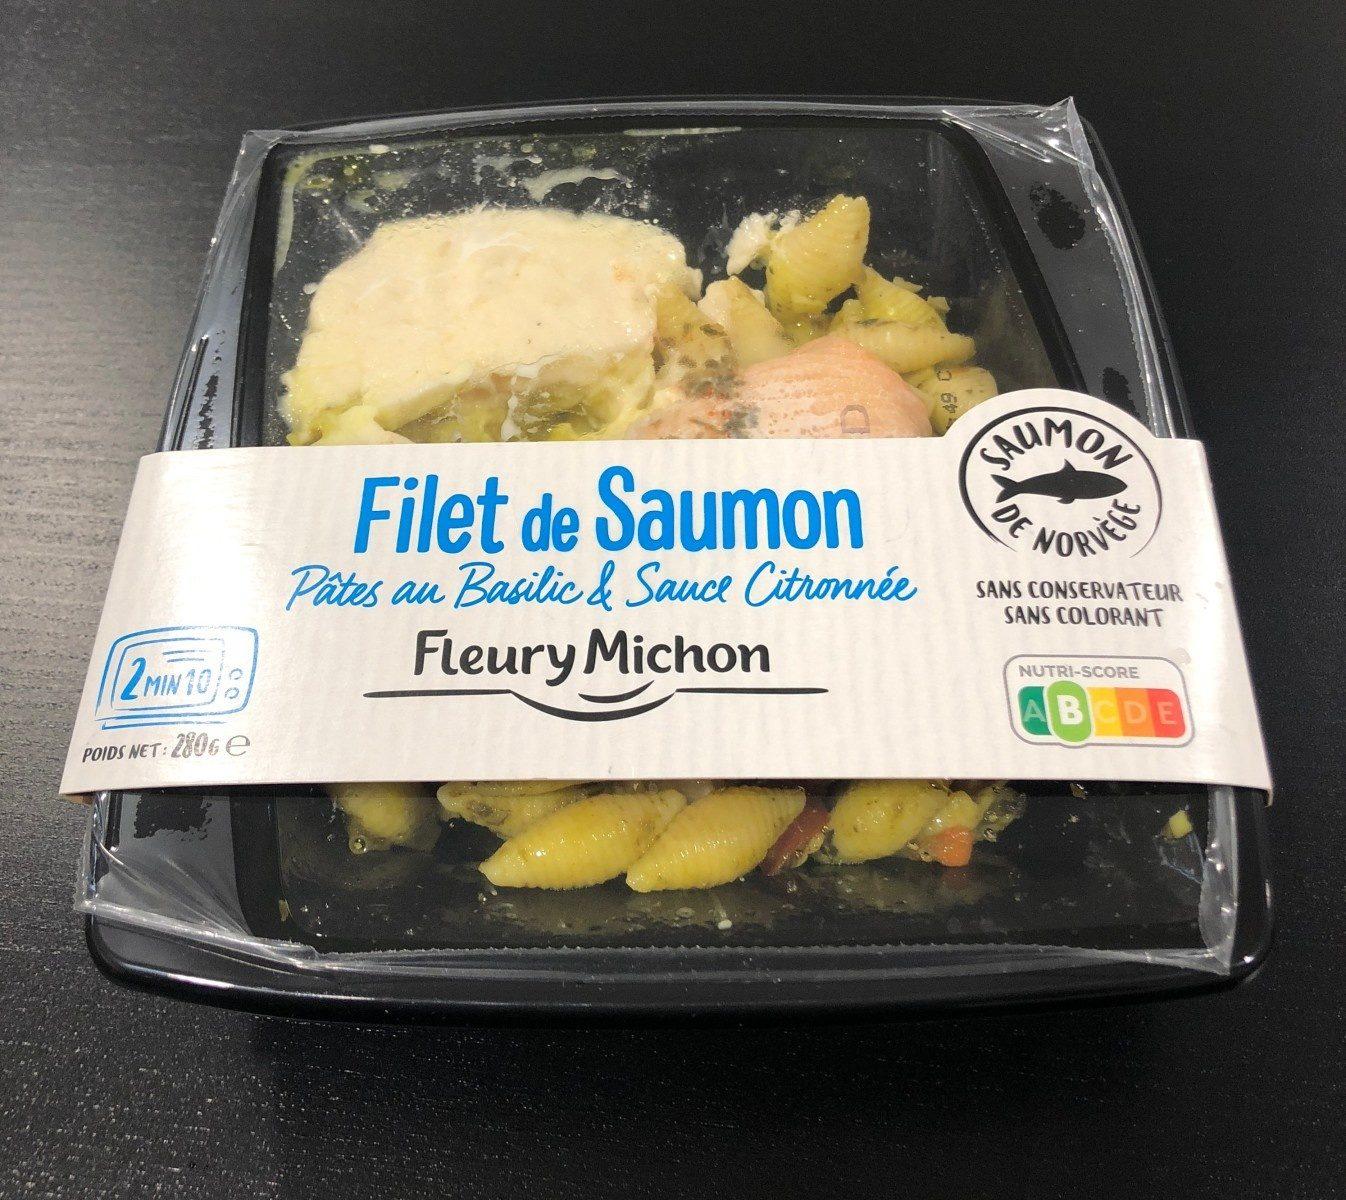 Filet de saumon pâtes au basilic et sauce citronnée - Producto